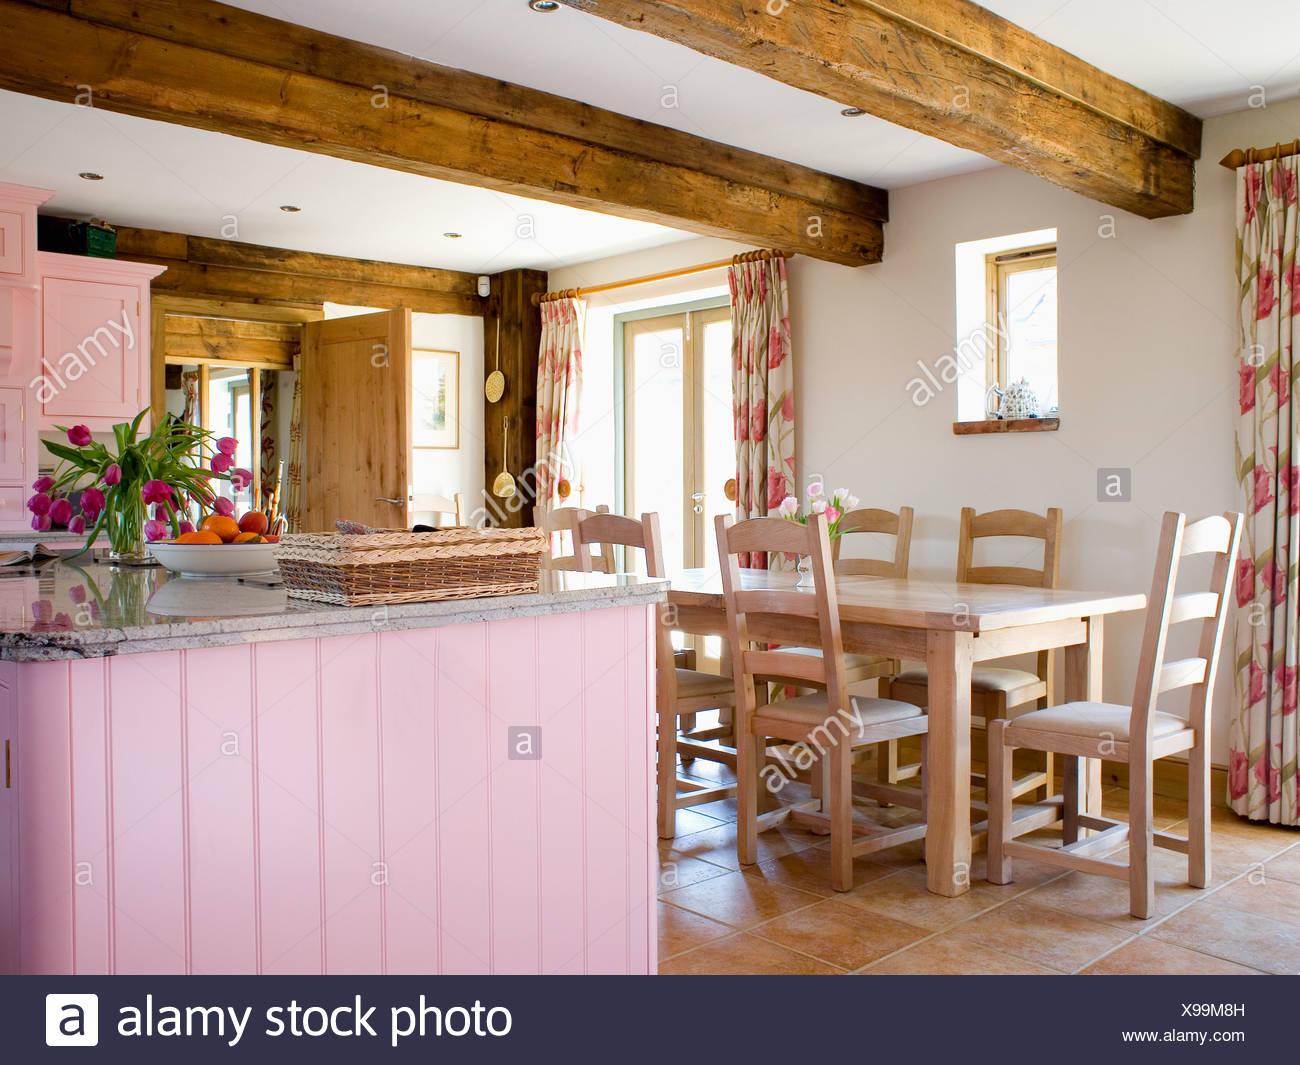 Einfachen Holztisch Und Stühle Im Traditionellen Holzbalken